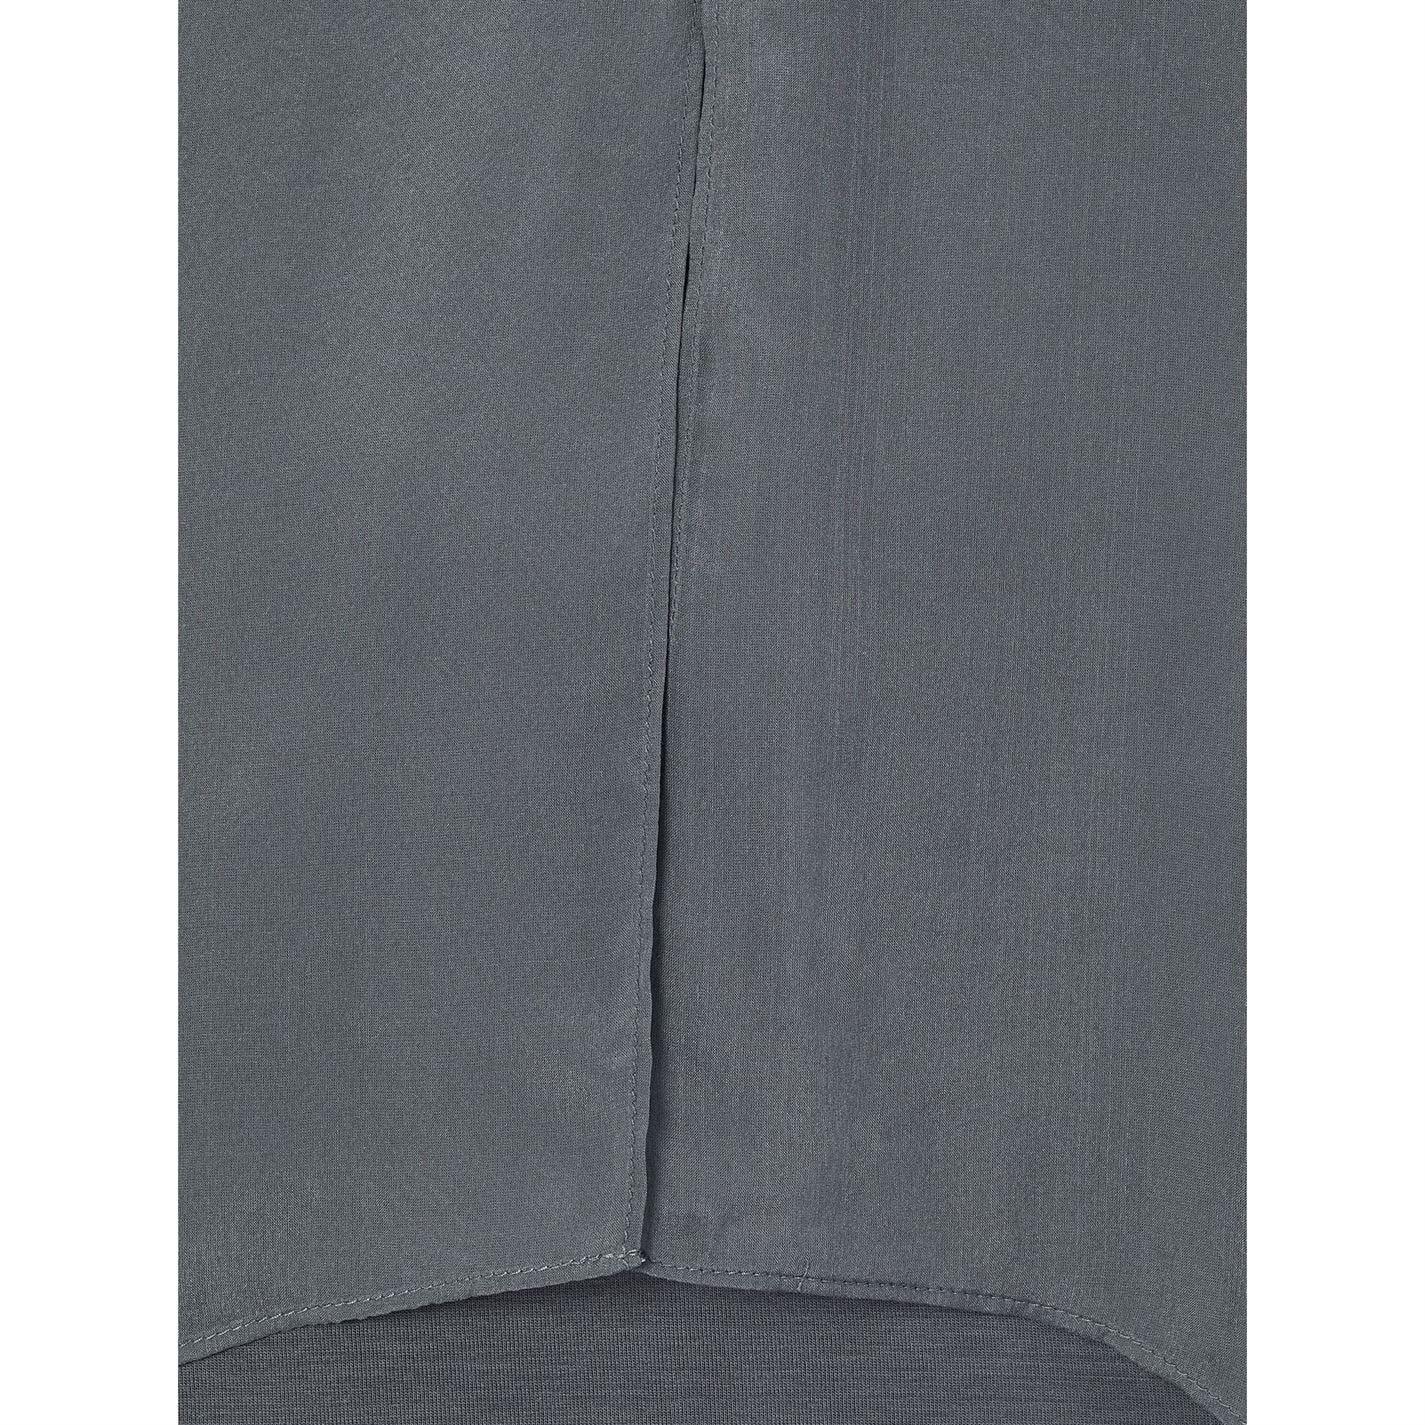 Studio 8 Josie Silk Tunic in Charcoal (Grey)